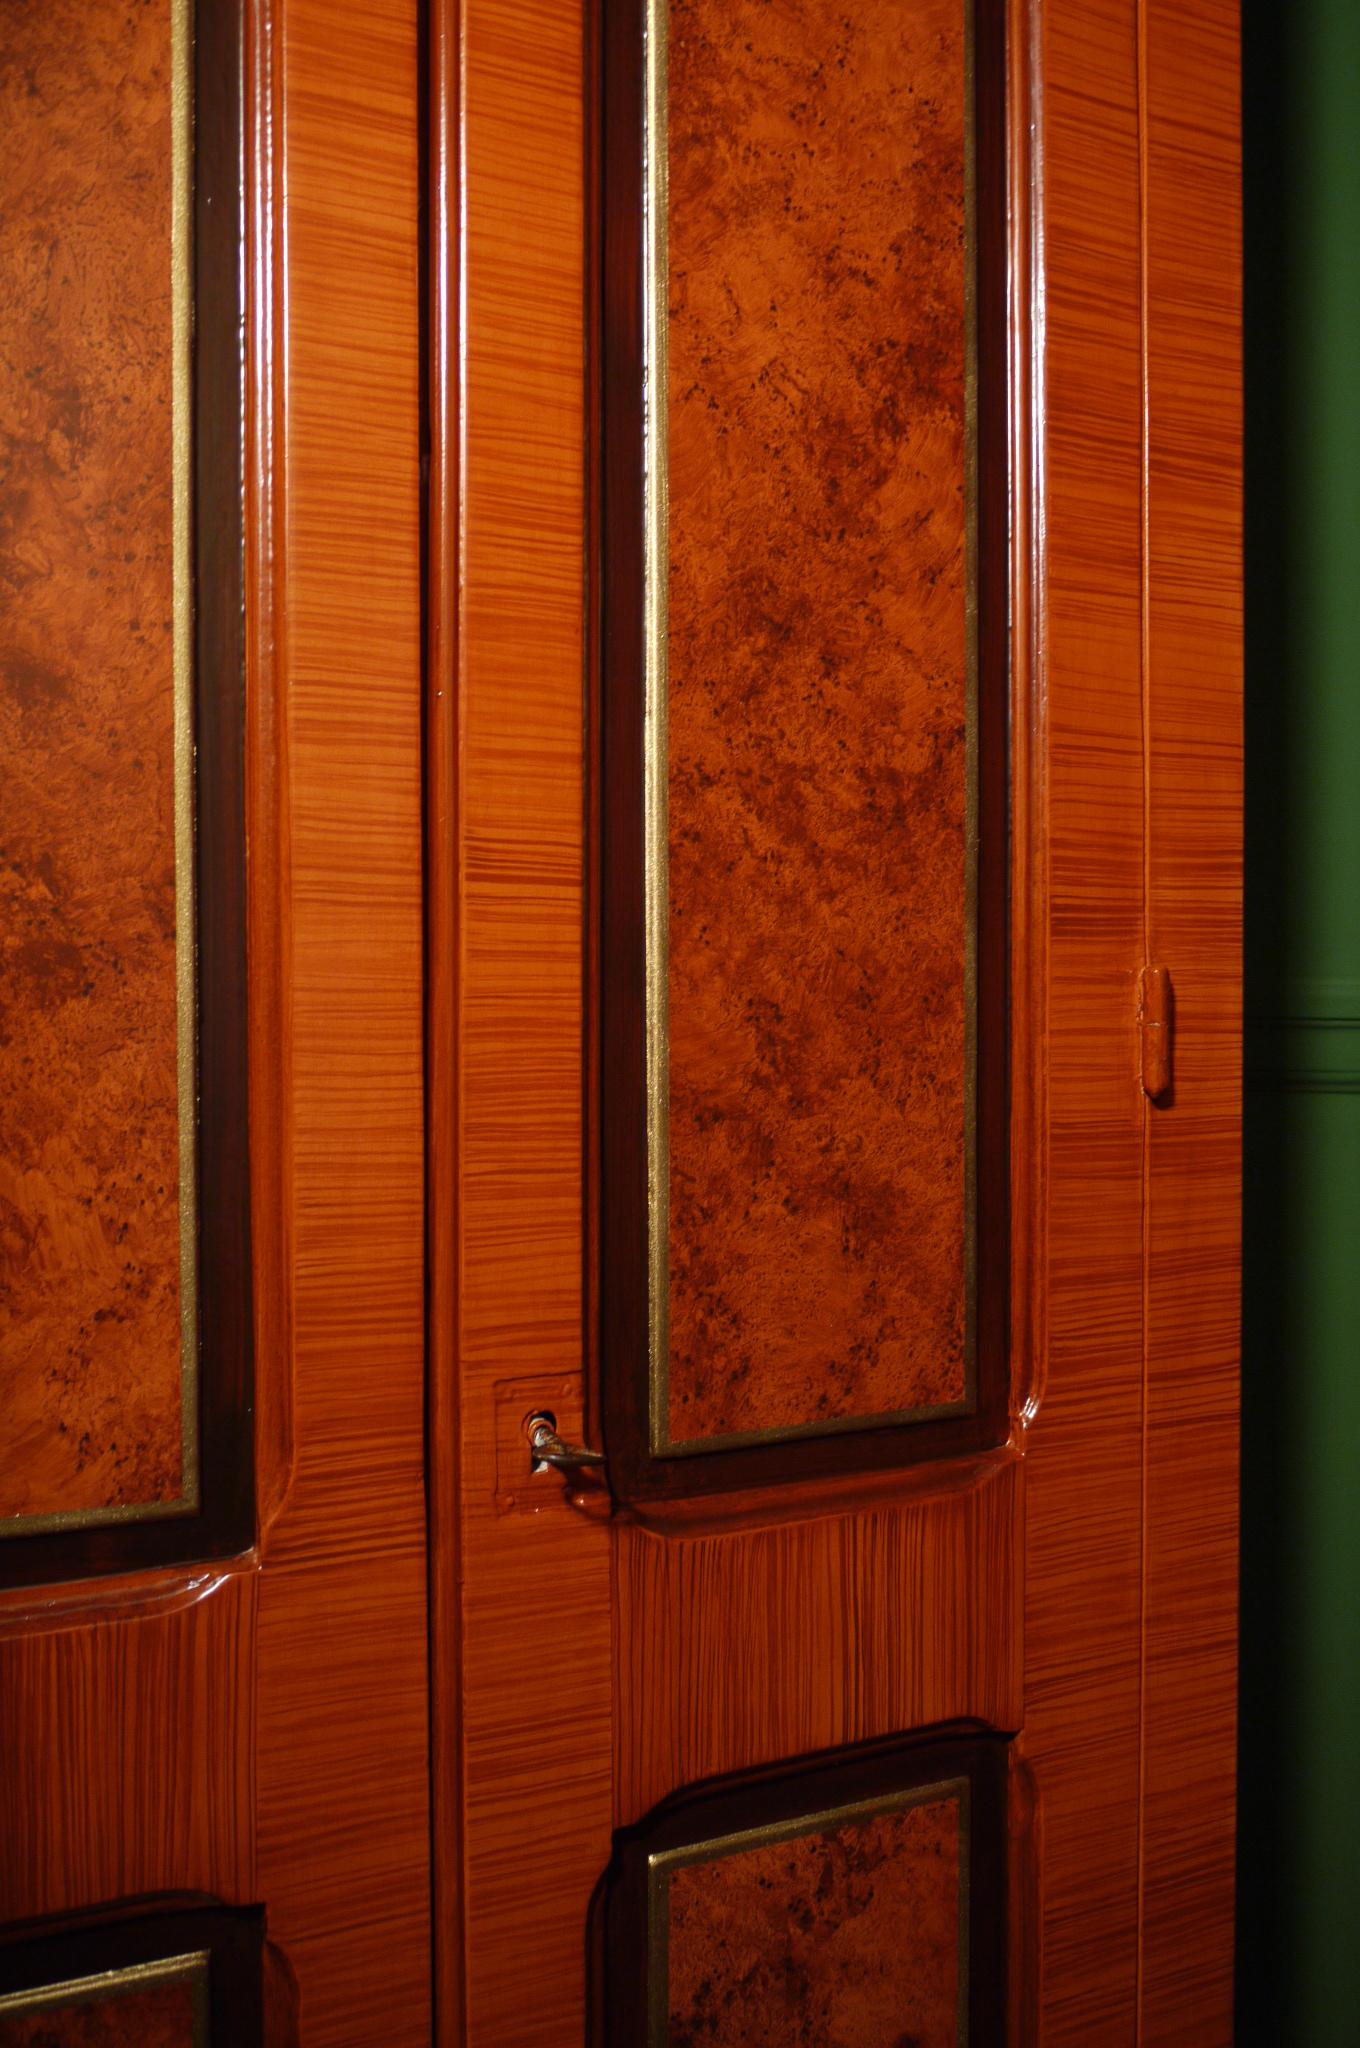 faux bois marquet s et dorure peintres d corateurspeintres d corateurs. Black Bedroom Furniture Sets. Home Design Ideas